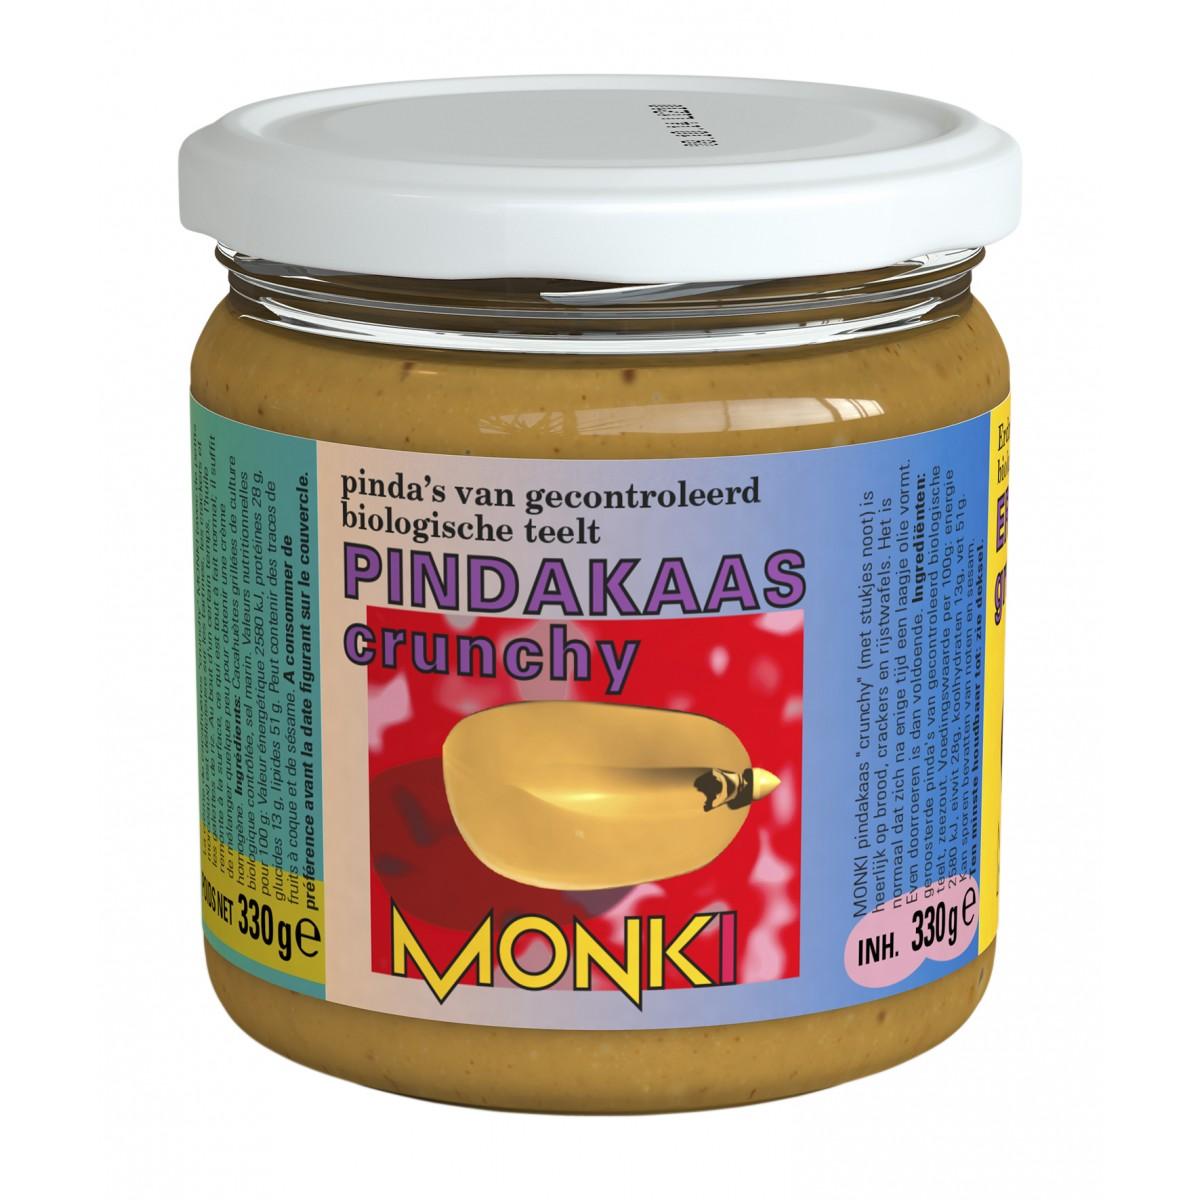 Pindakaas Crunchy